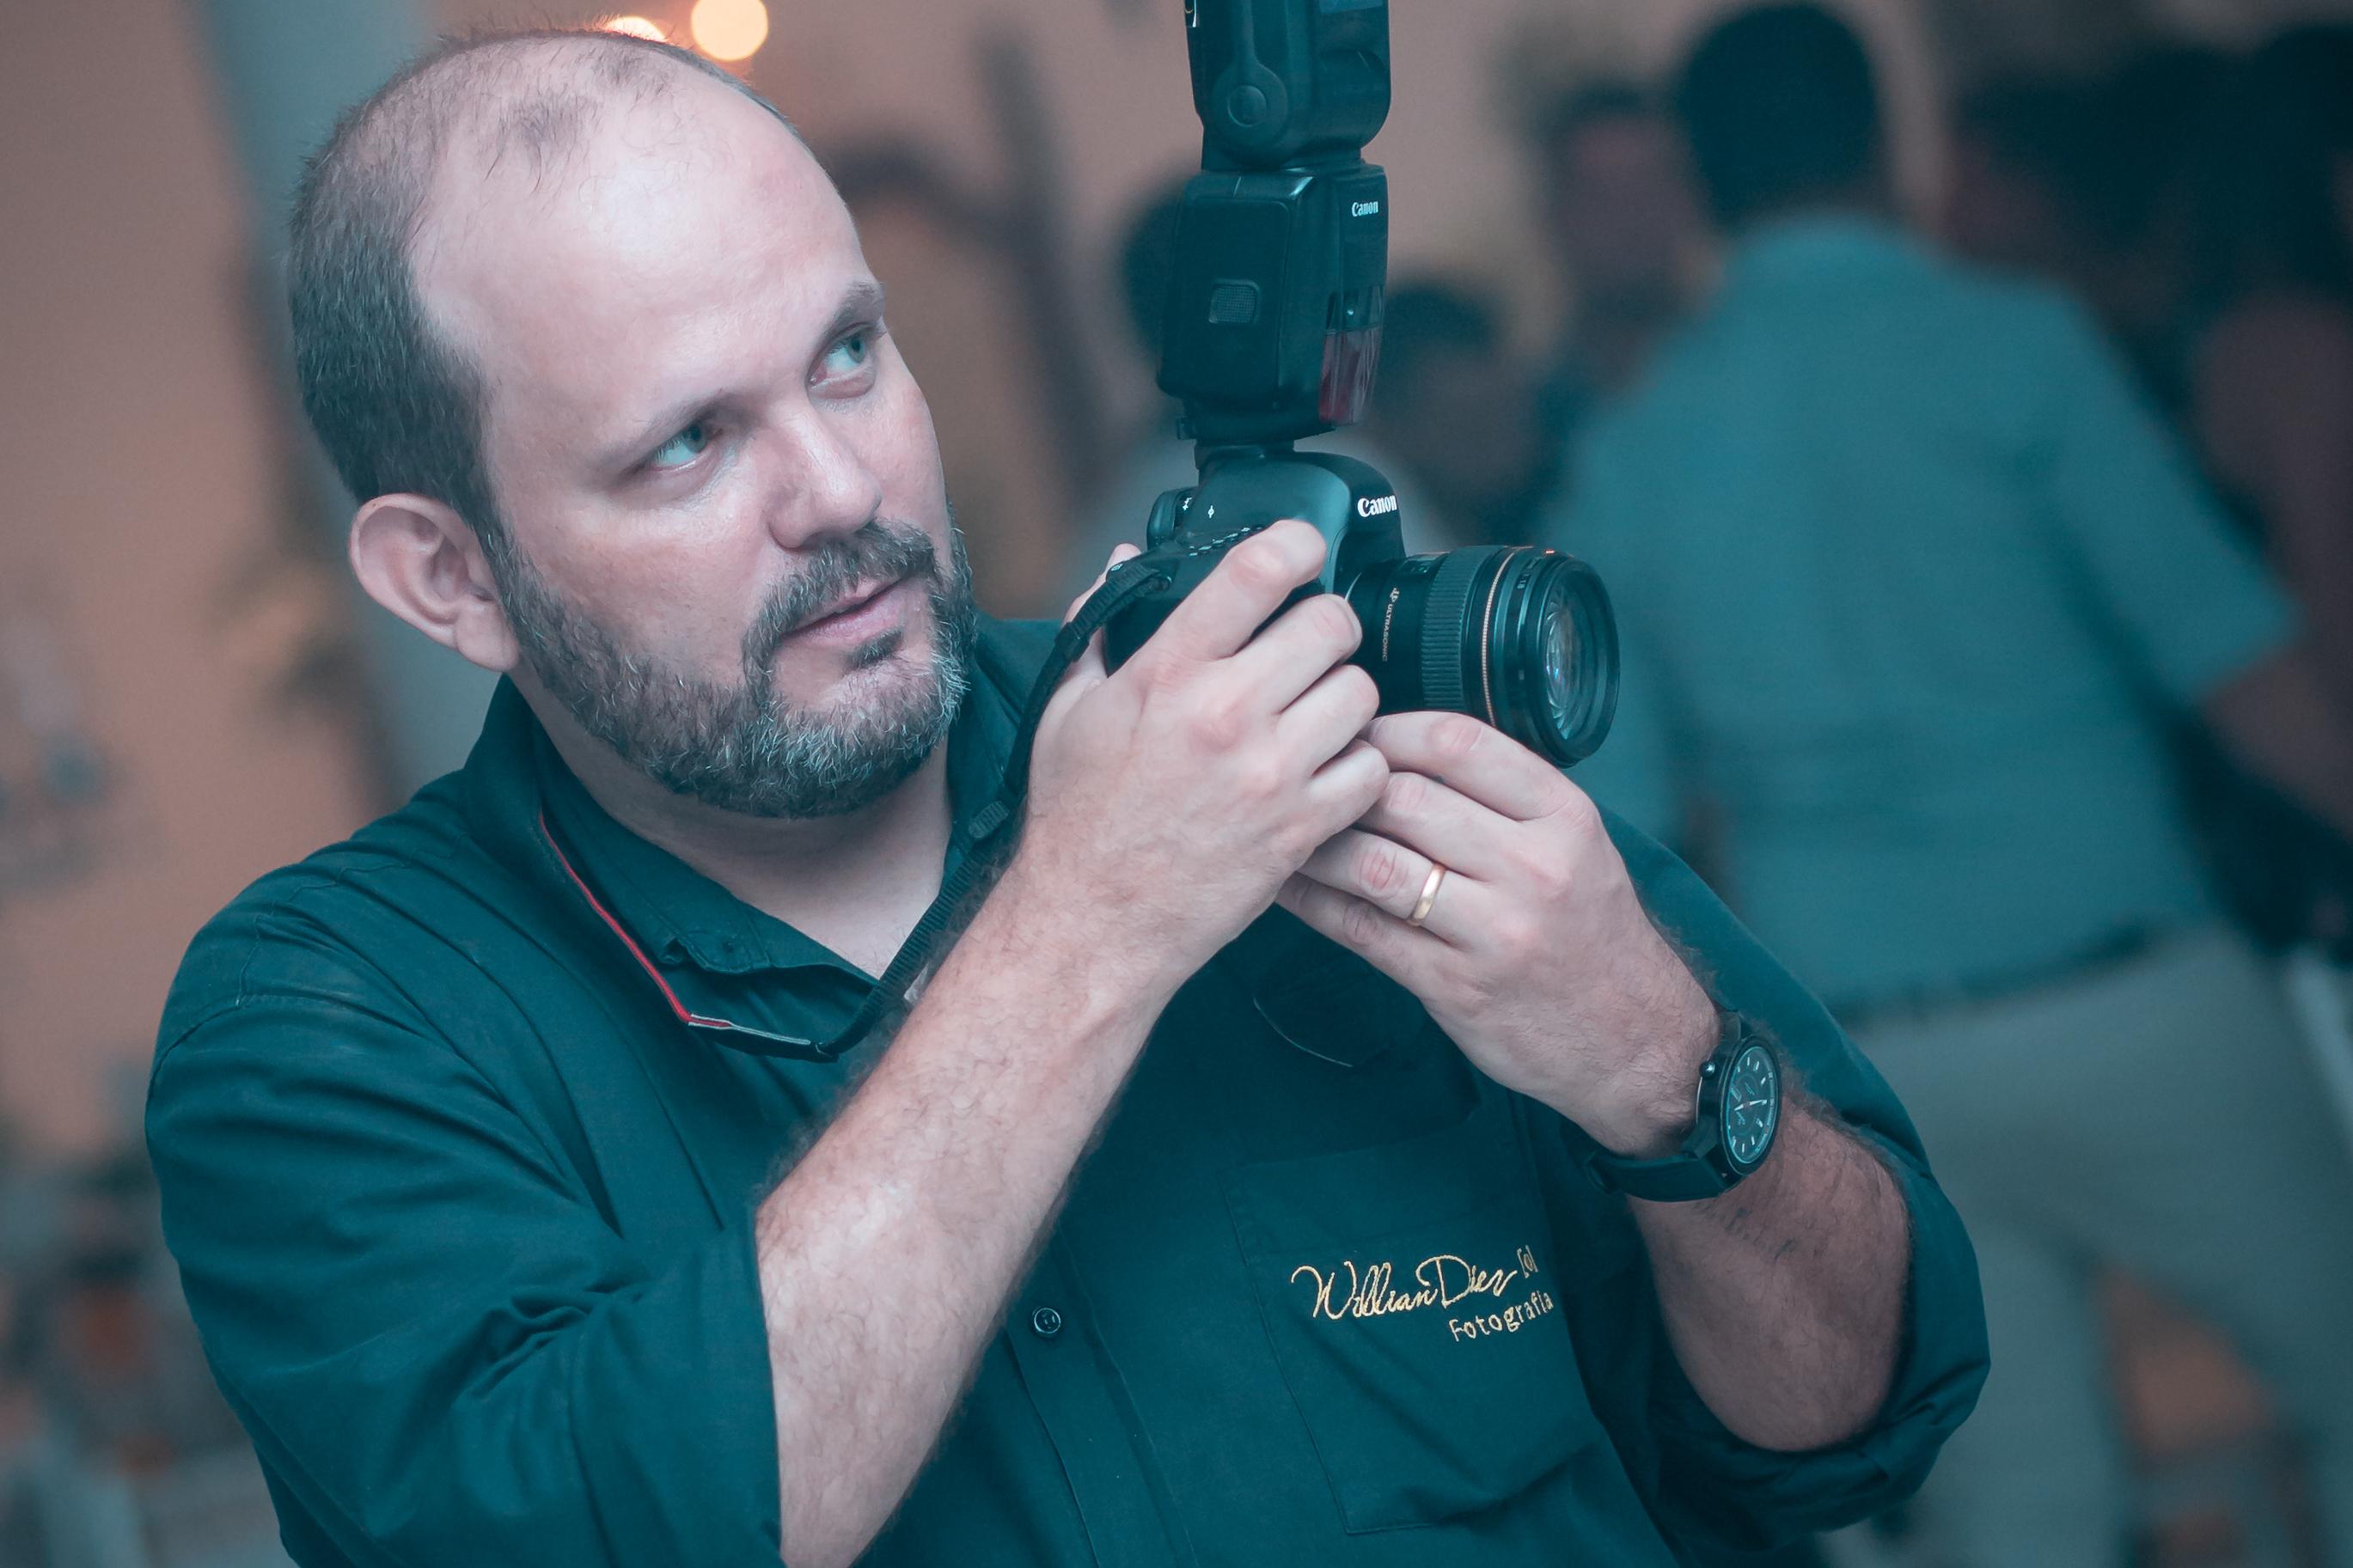 Contate Willian Diez Fotógrafo de Casamento, Ensaio Gestantes, Aniversario Infantil, 15 Anos, Eventos Sociais, Fotógrafo Publicitário